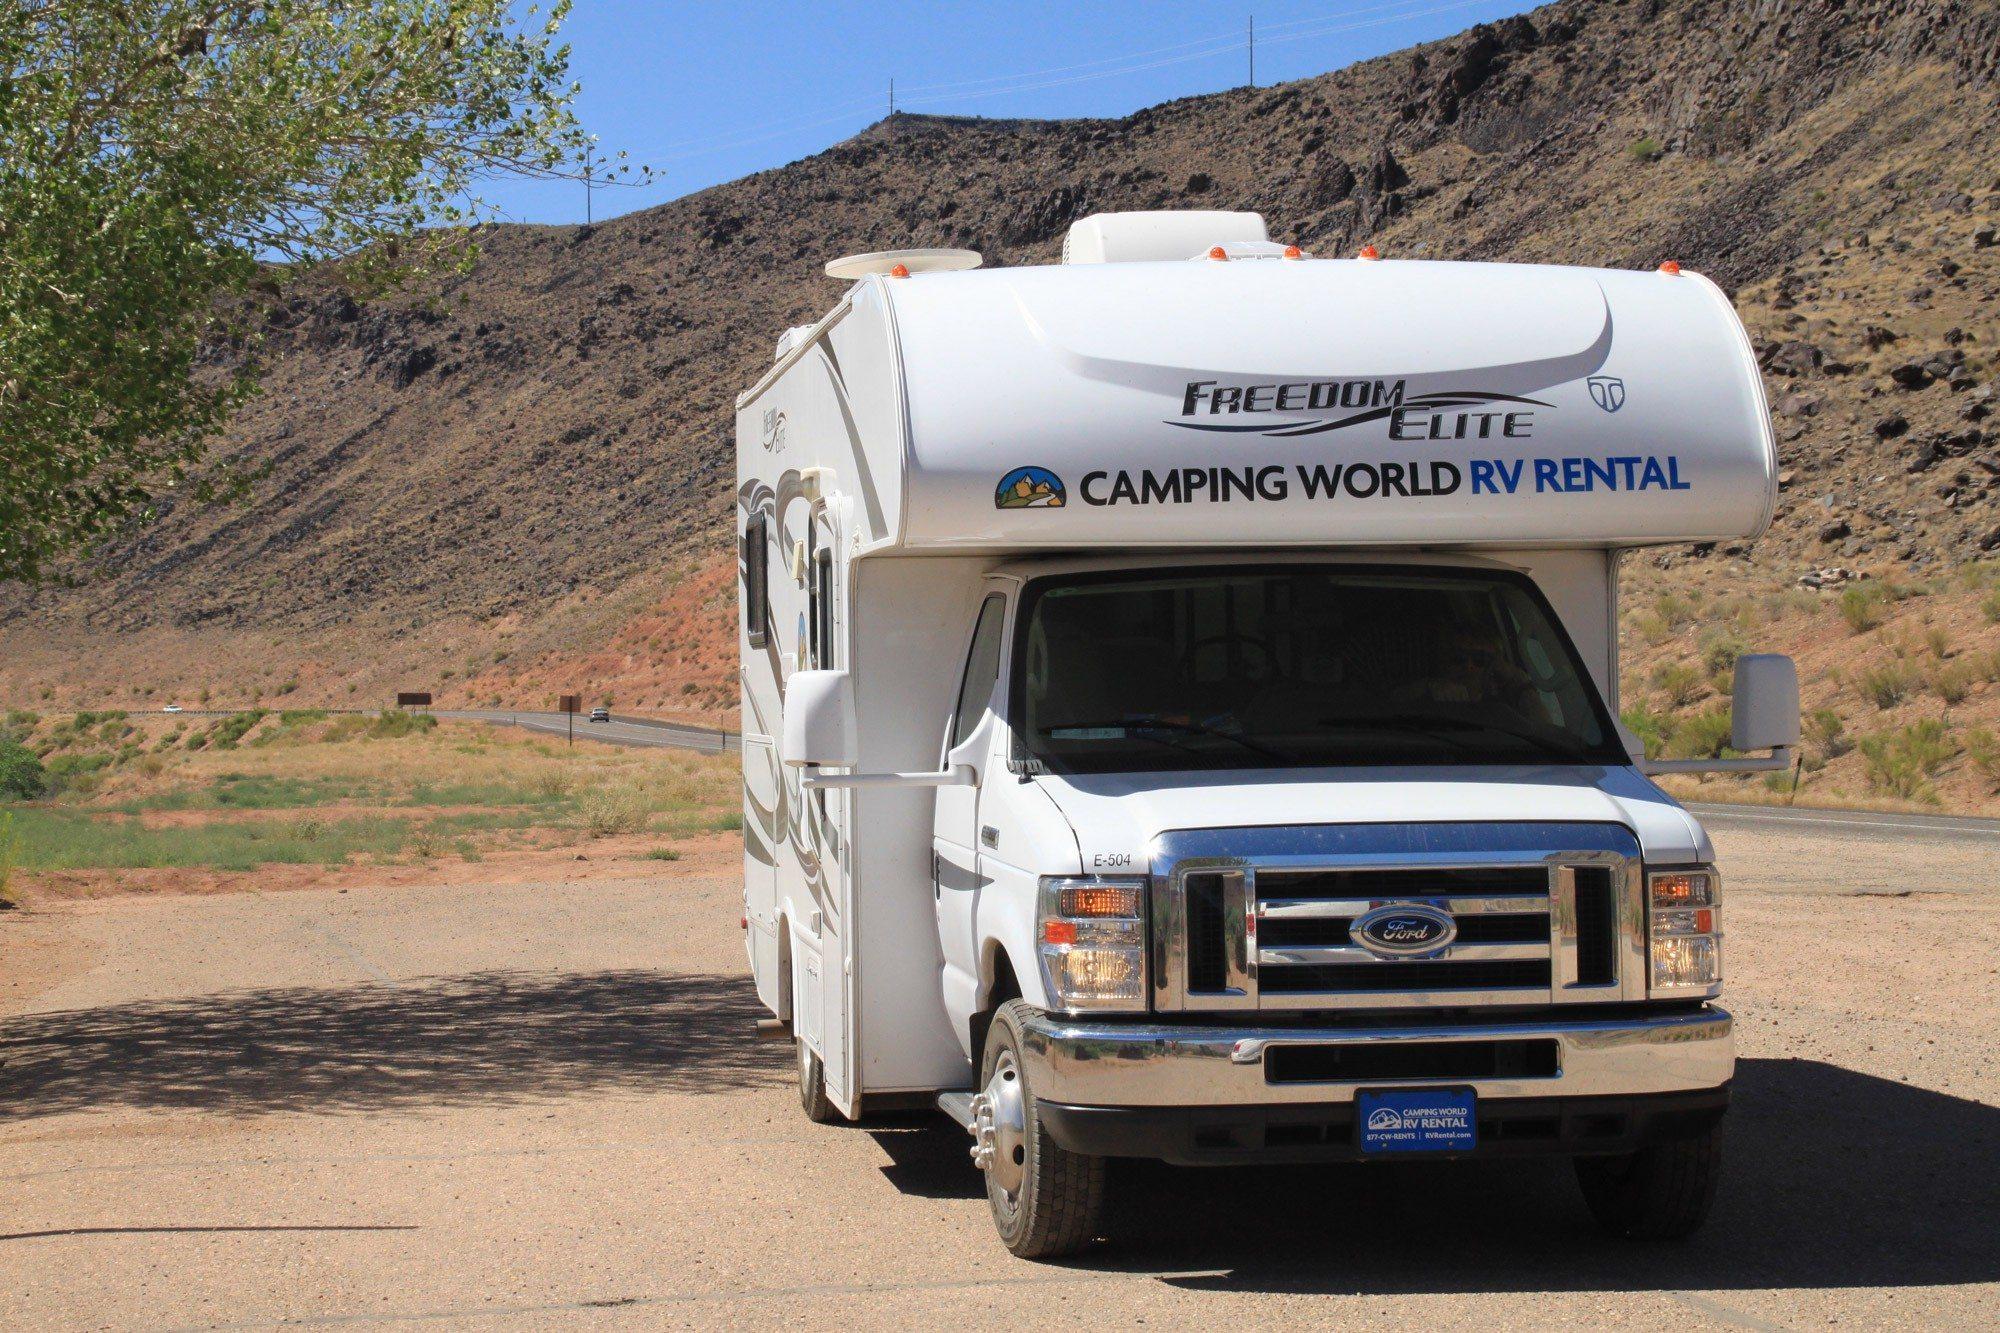 Kids Love Travel: rondreis met kinderen in camper